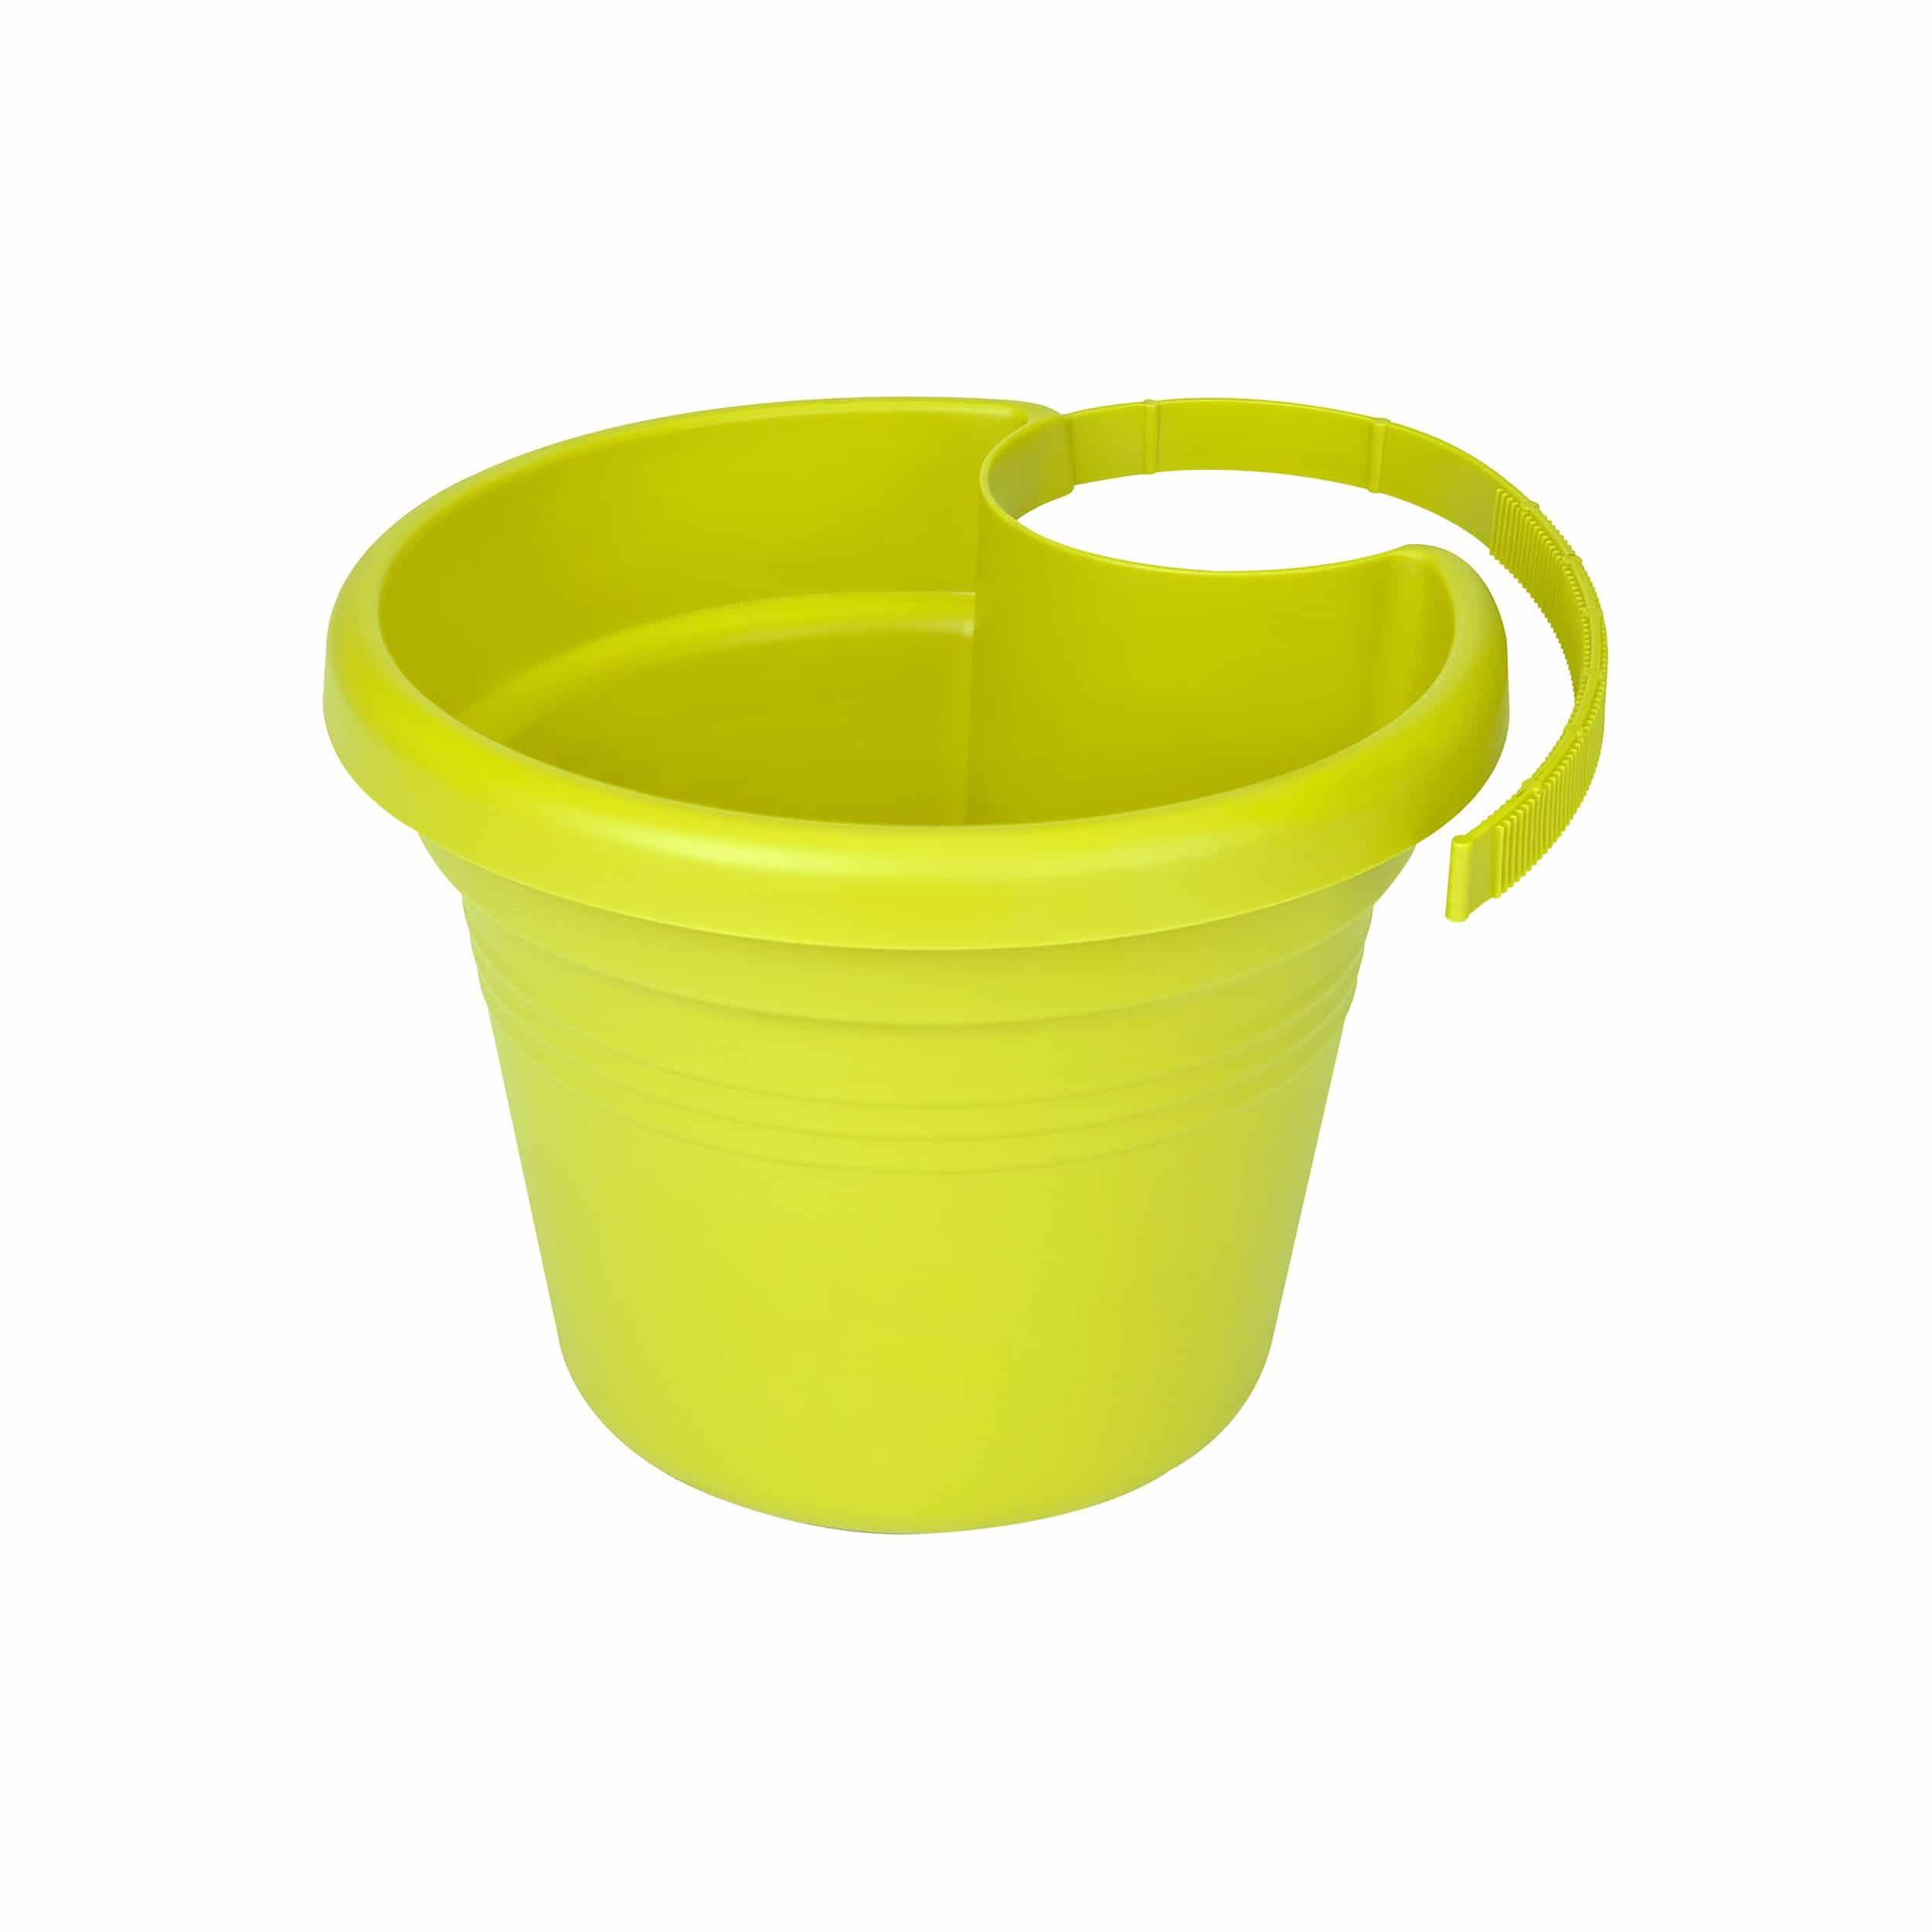 Regenrohrpflanzgefäß Green Basics D23cm limegrün